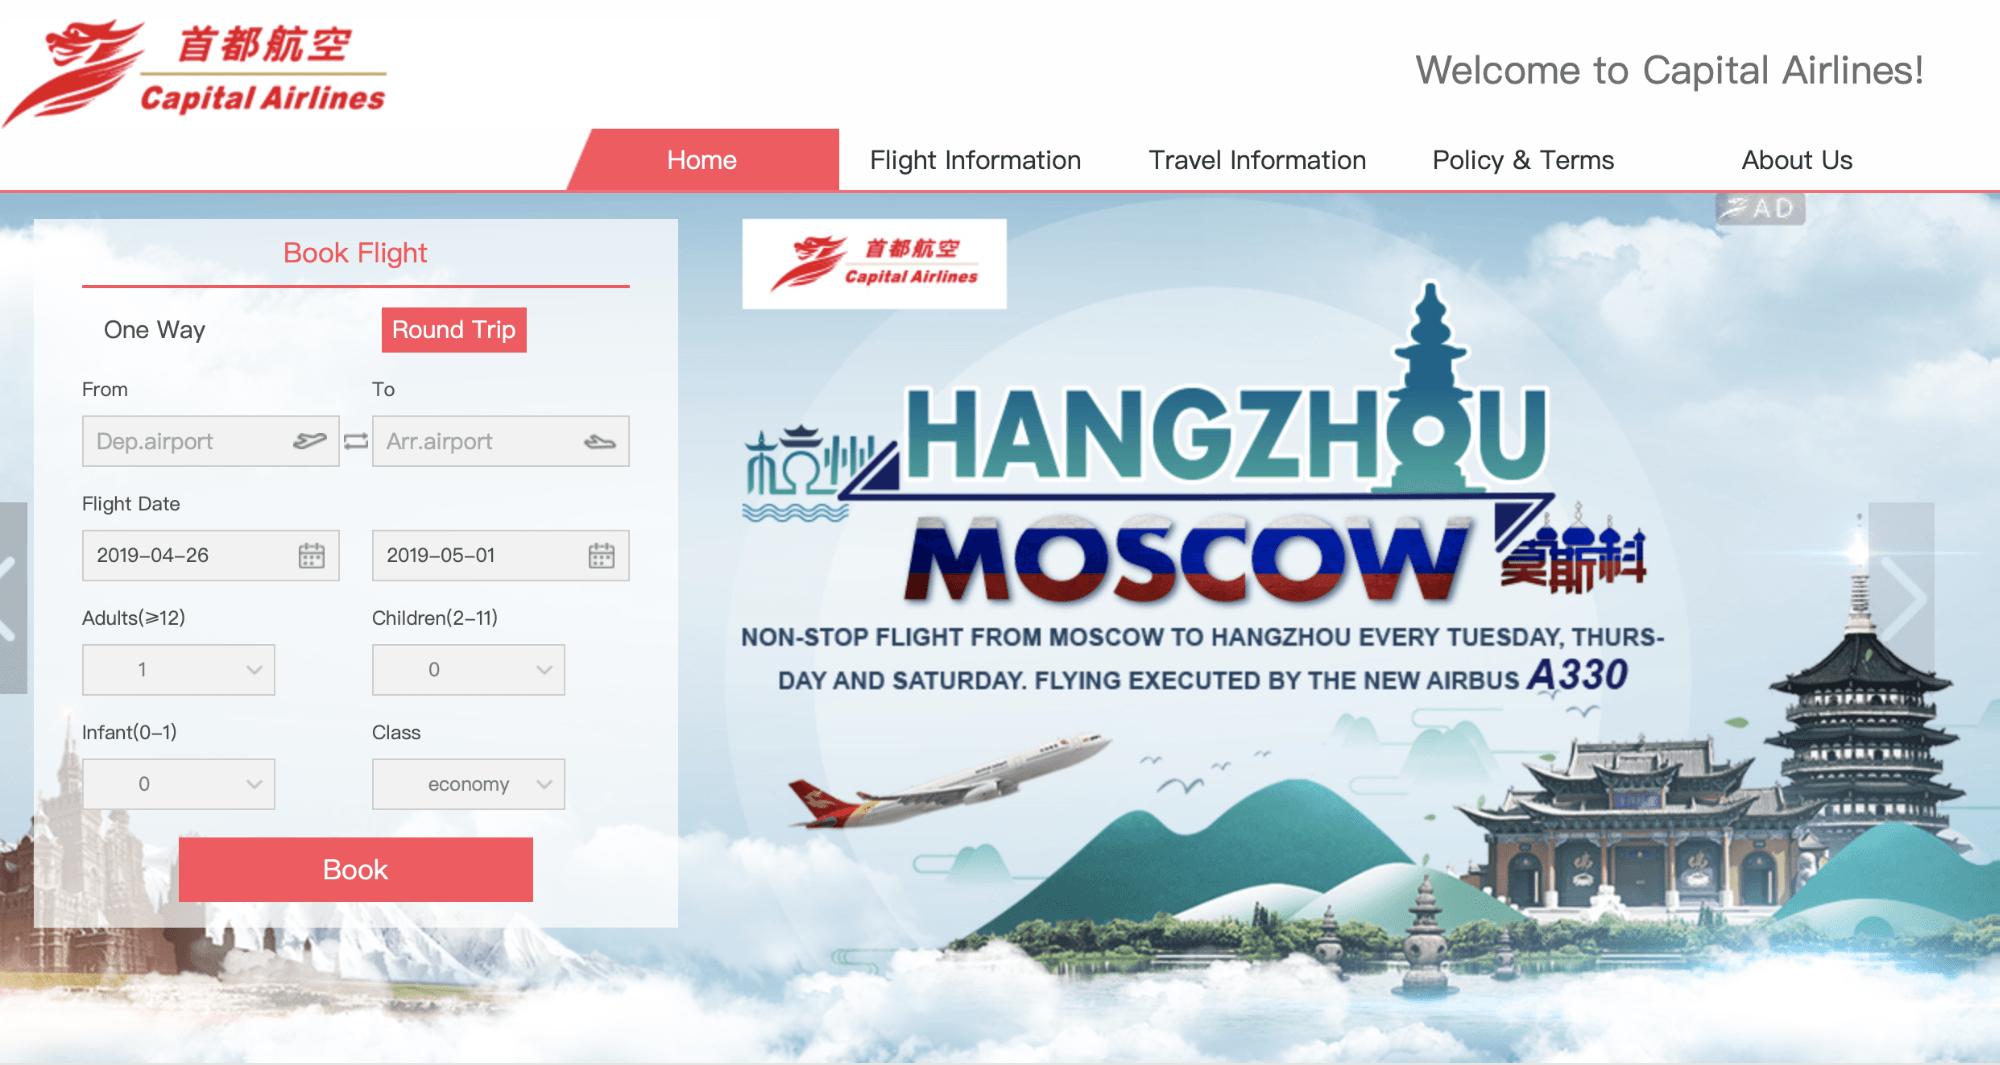 На сайте китайского лоукостера обещают дешевые перелеты из Москвы в Ханчжоу, но мне не удалось их найти